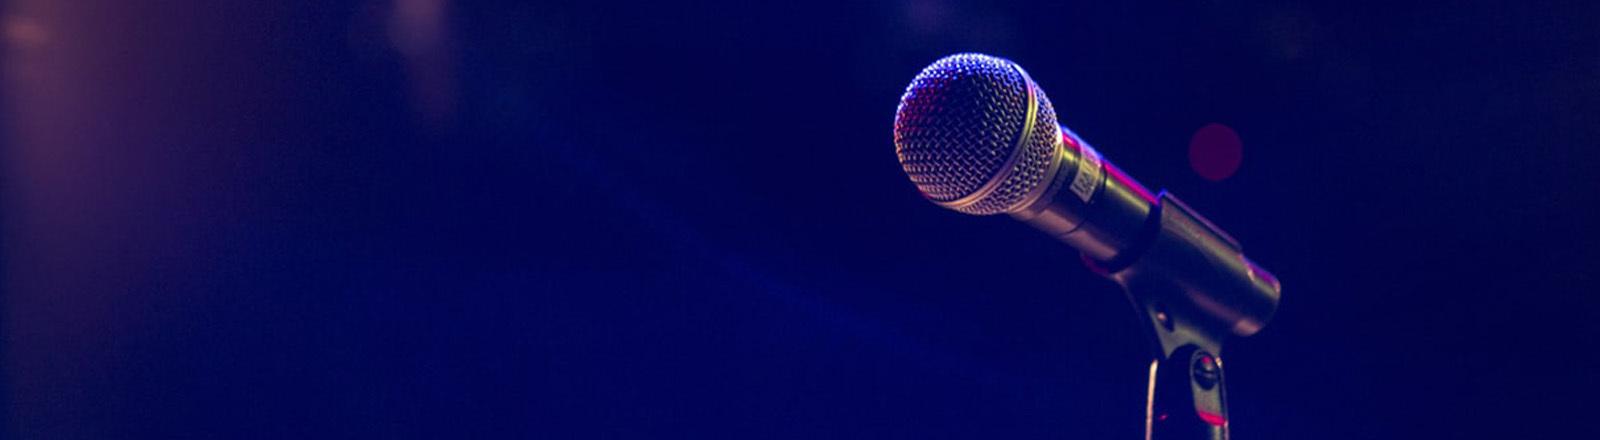 Mikrophon auf der Bühne